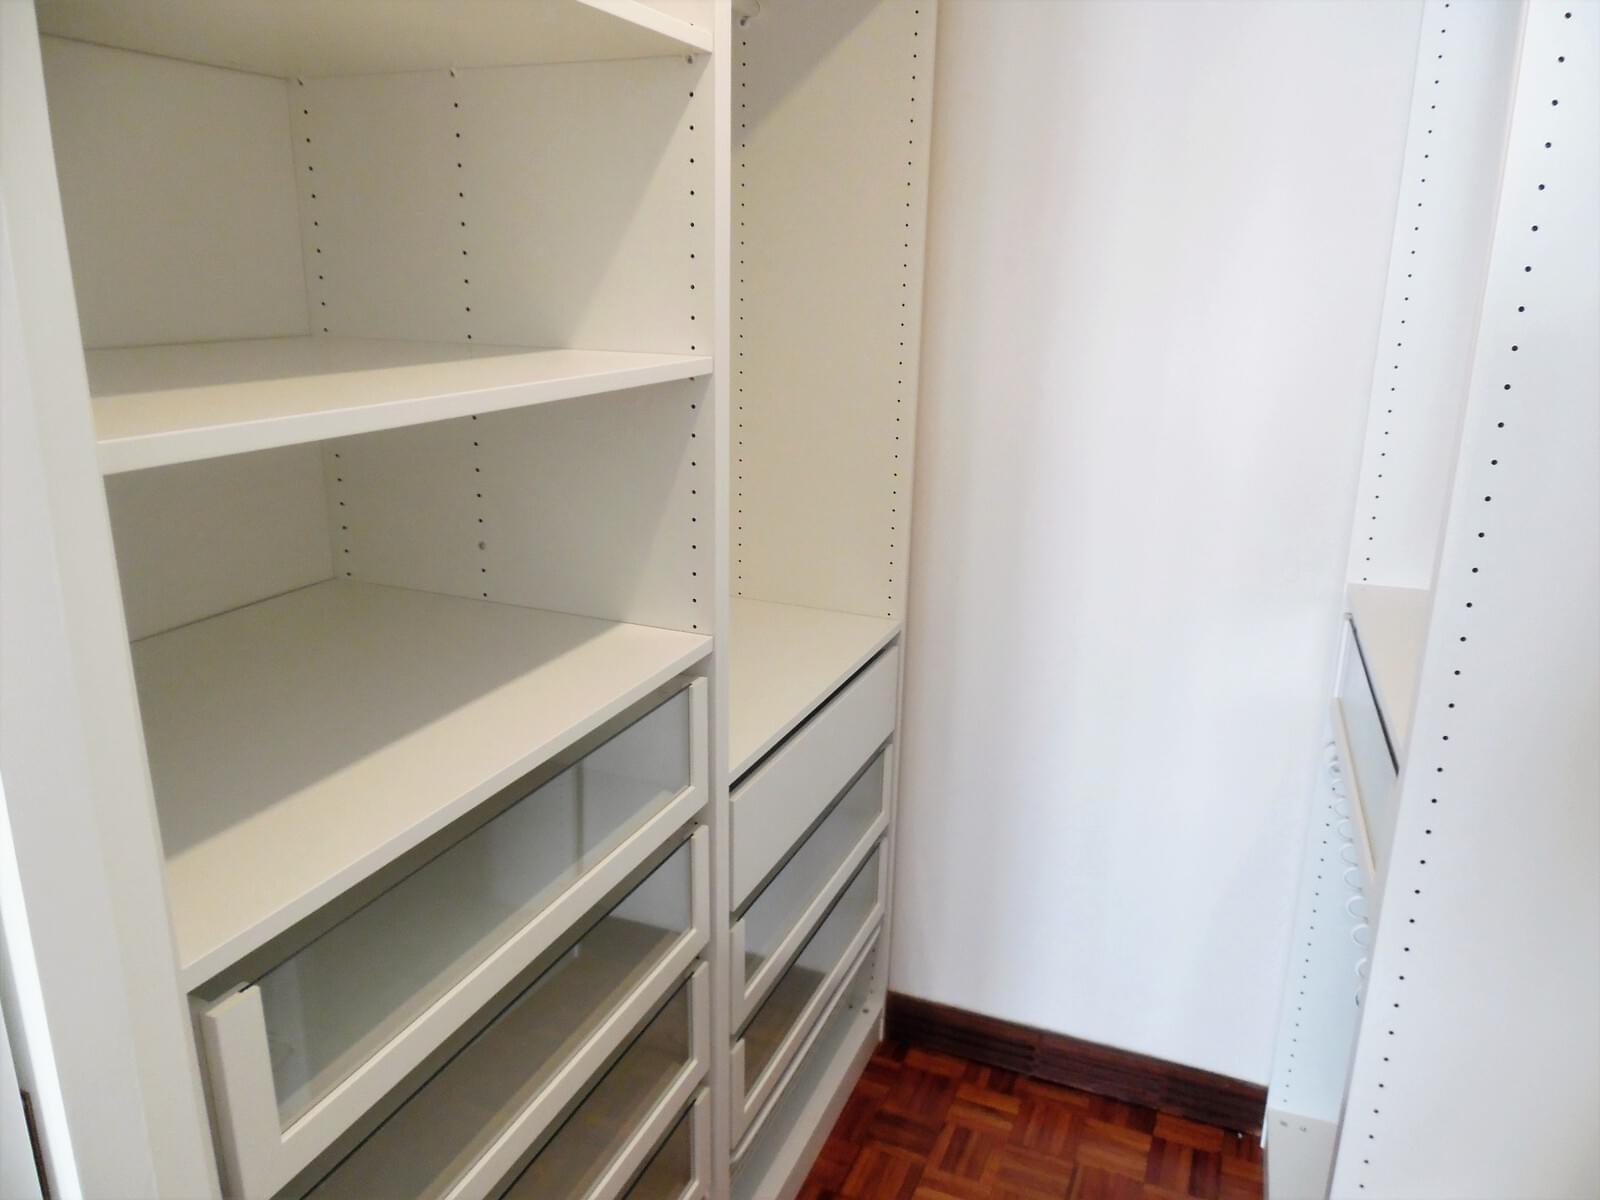 pf17621-apartamento-t4-lisboa-aaad6c71-0f5c-4576-9675-398b1de0362f